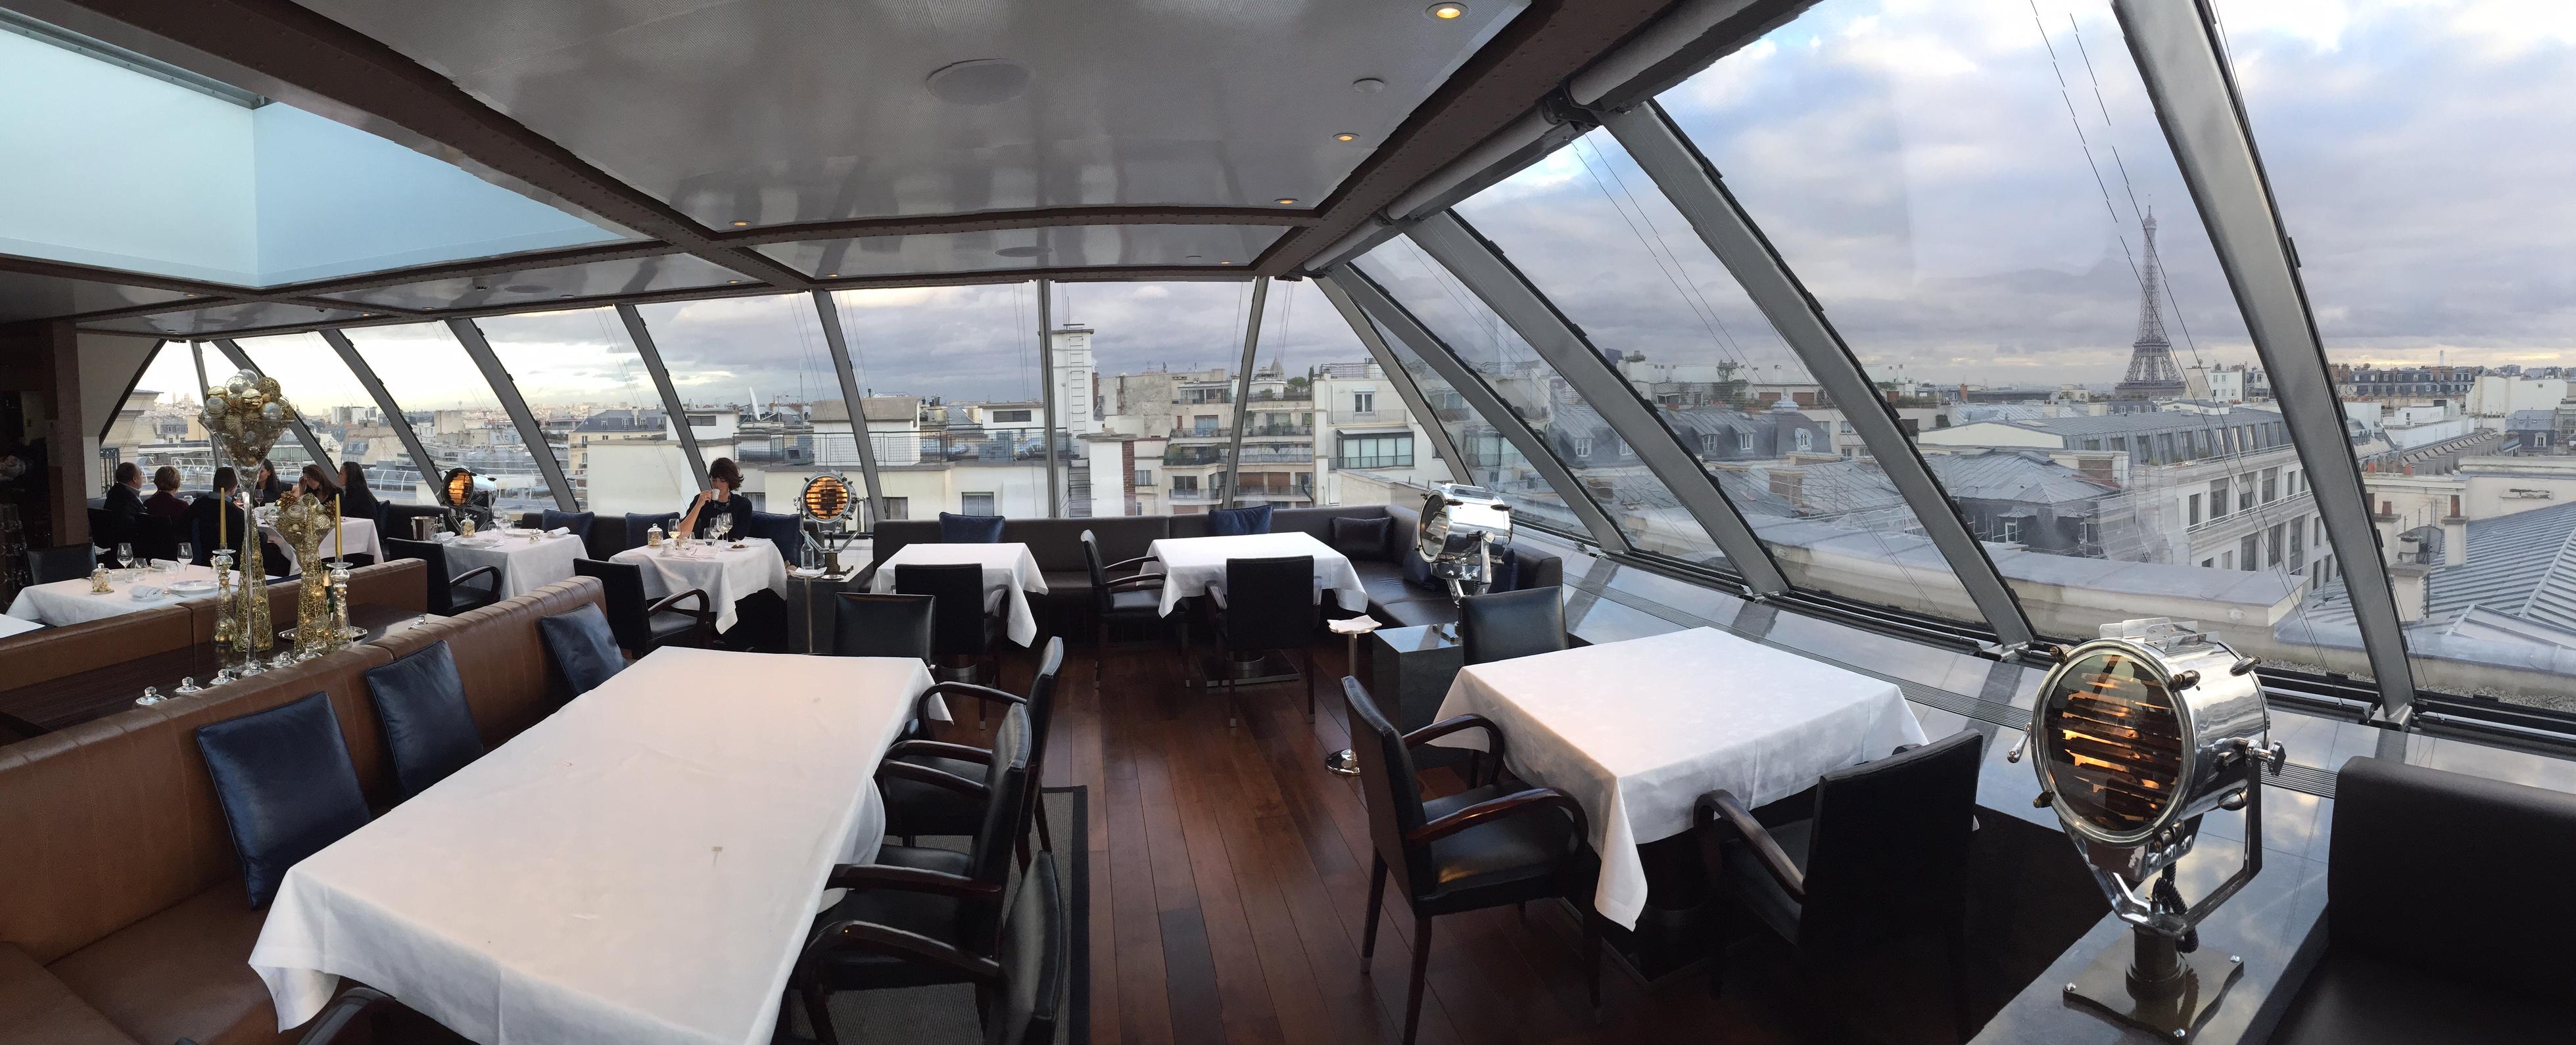 coup de fourchette blog guide des restaurants paris. Black Bedroom Furniture Sets. Home Design Ideas